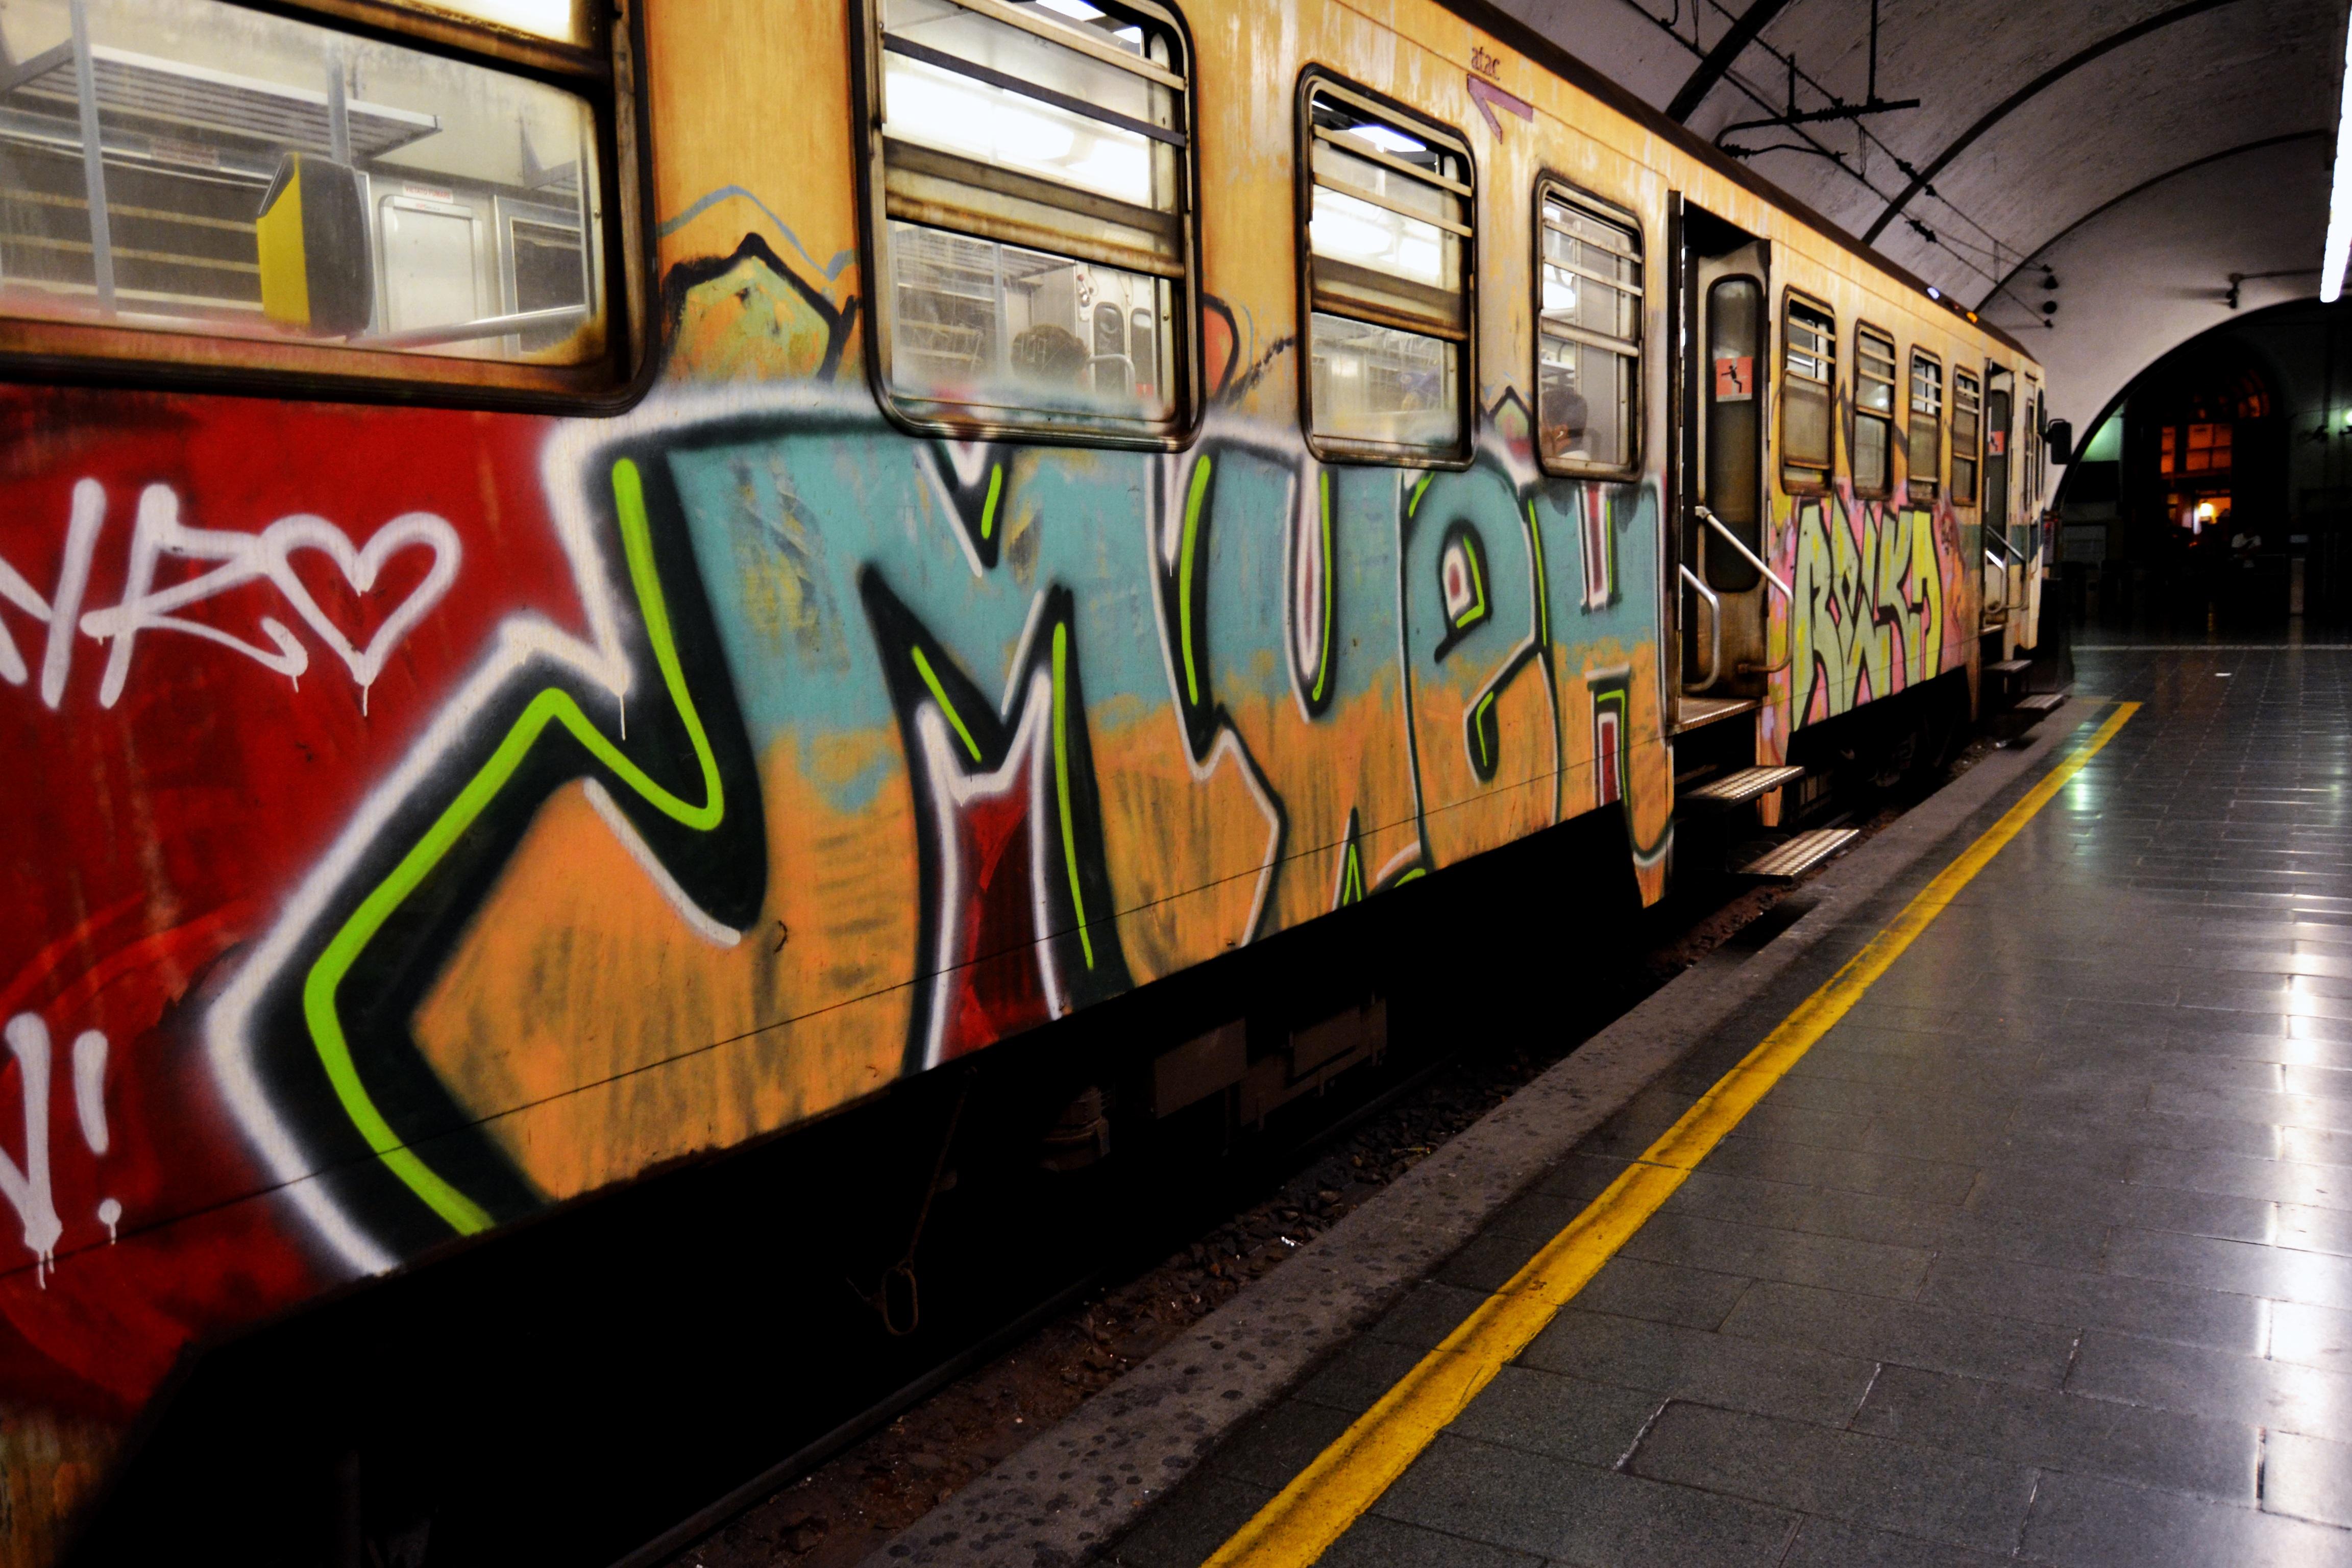 Fotoğraf Yük Vagonu Tren Nakliye Araç Italya Duvar Yazısı